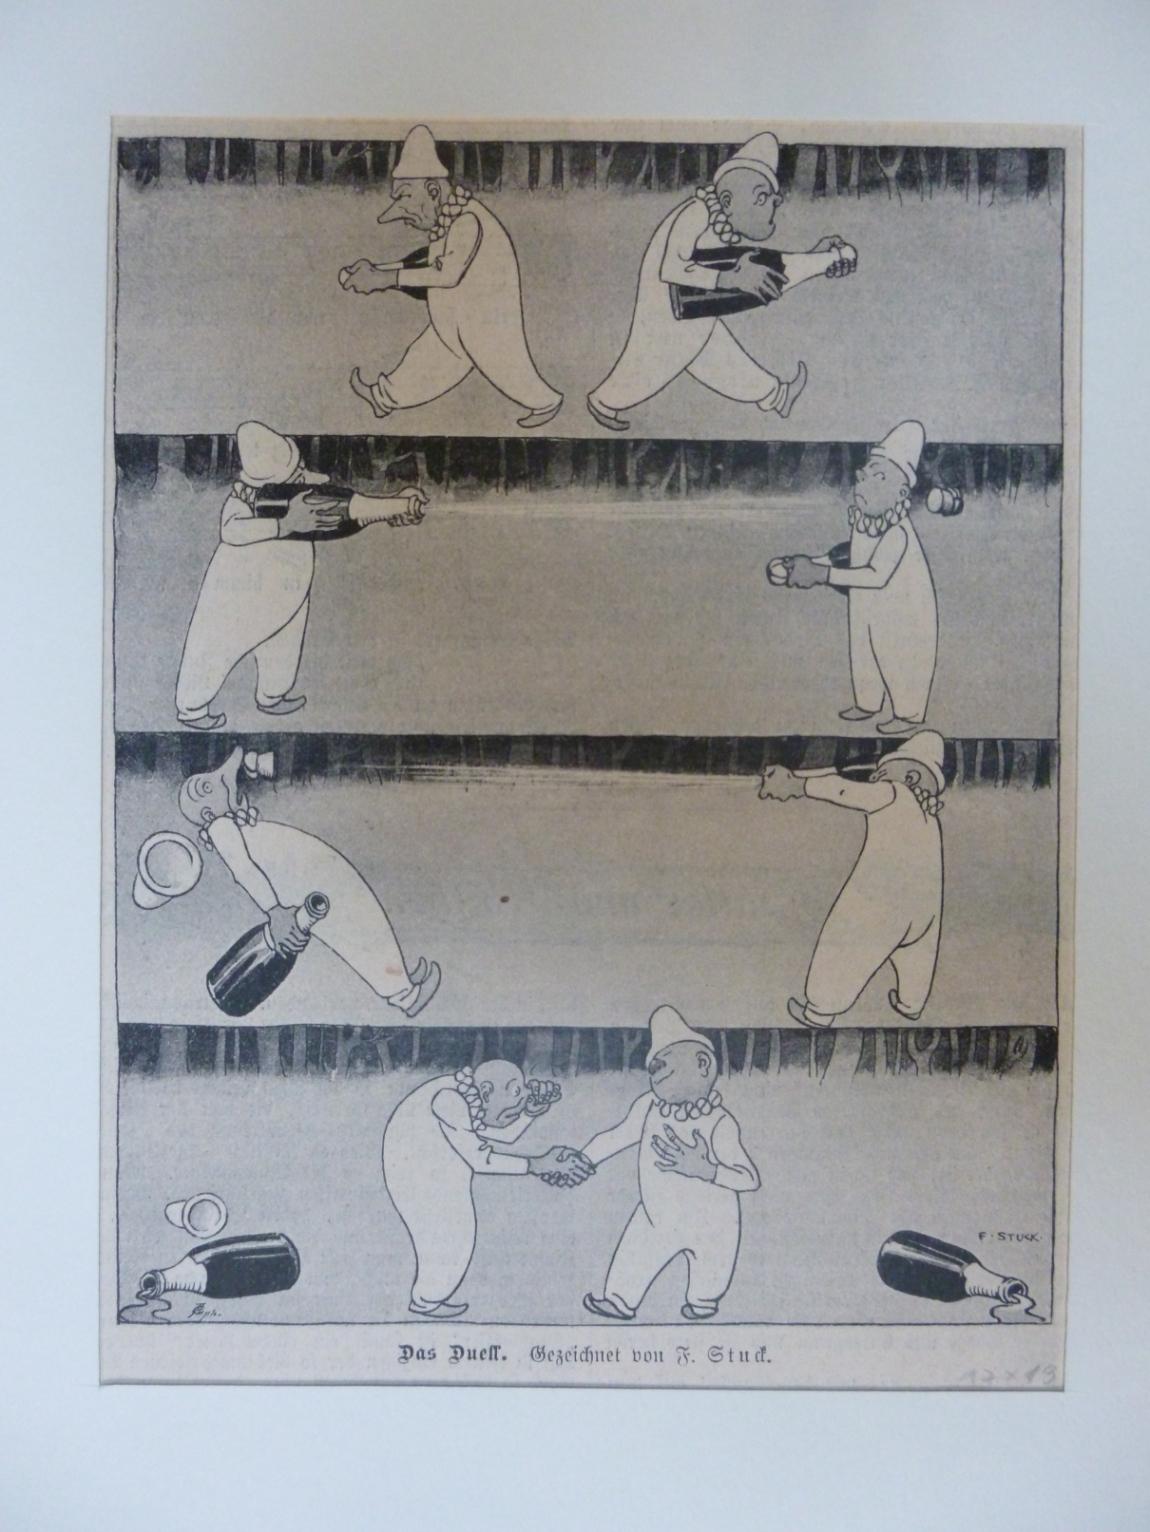 Wein - Das Duell - lustige Illustration gezeichnet v. F. Stuck